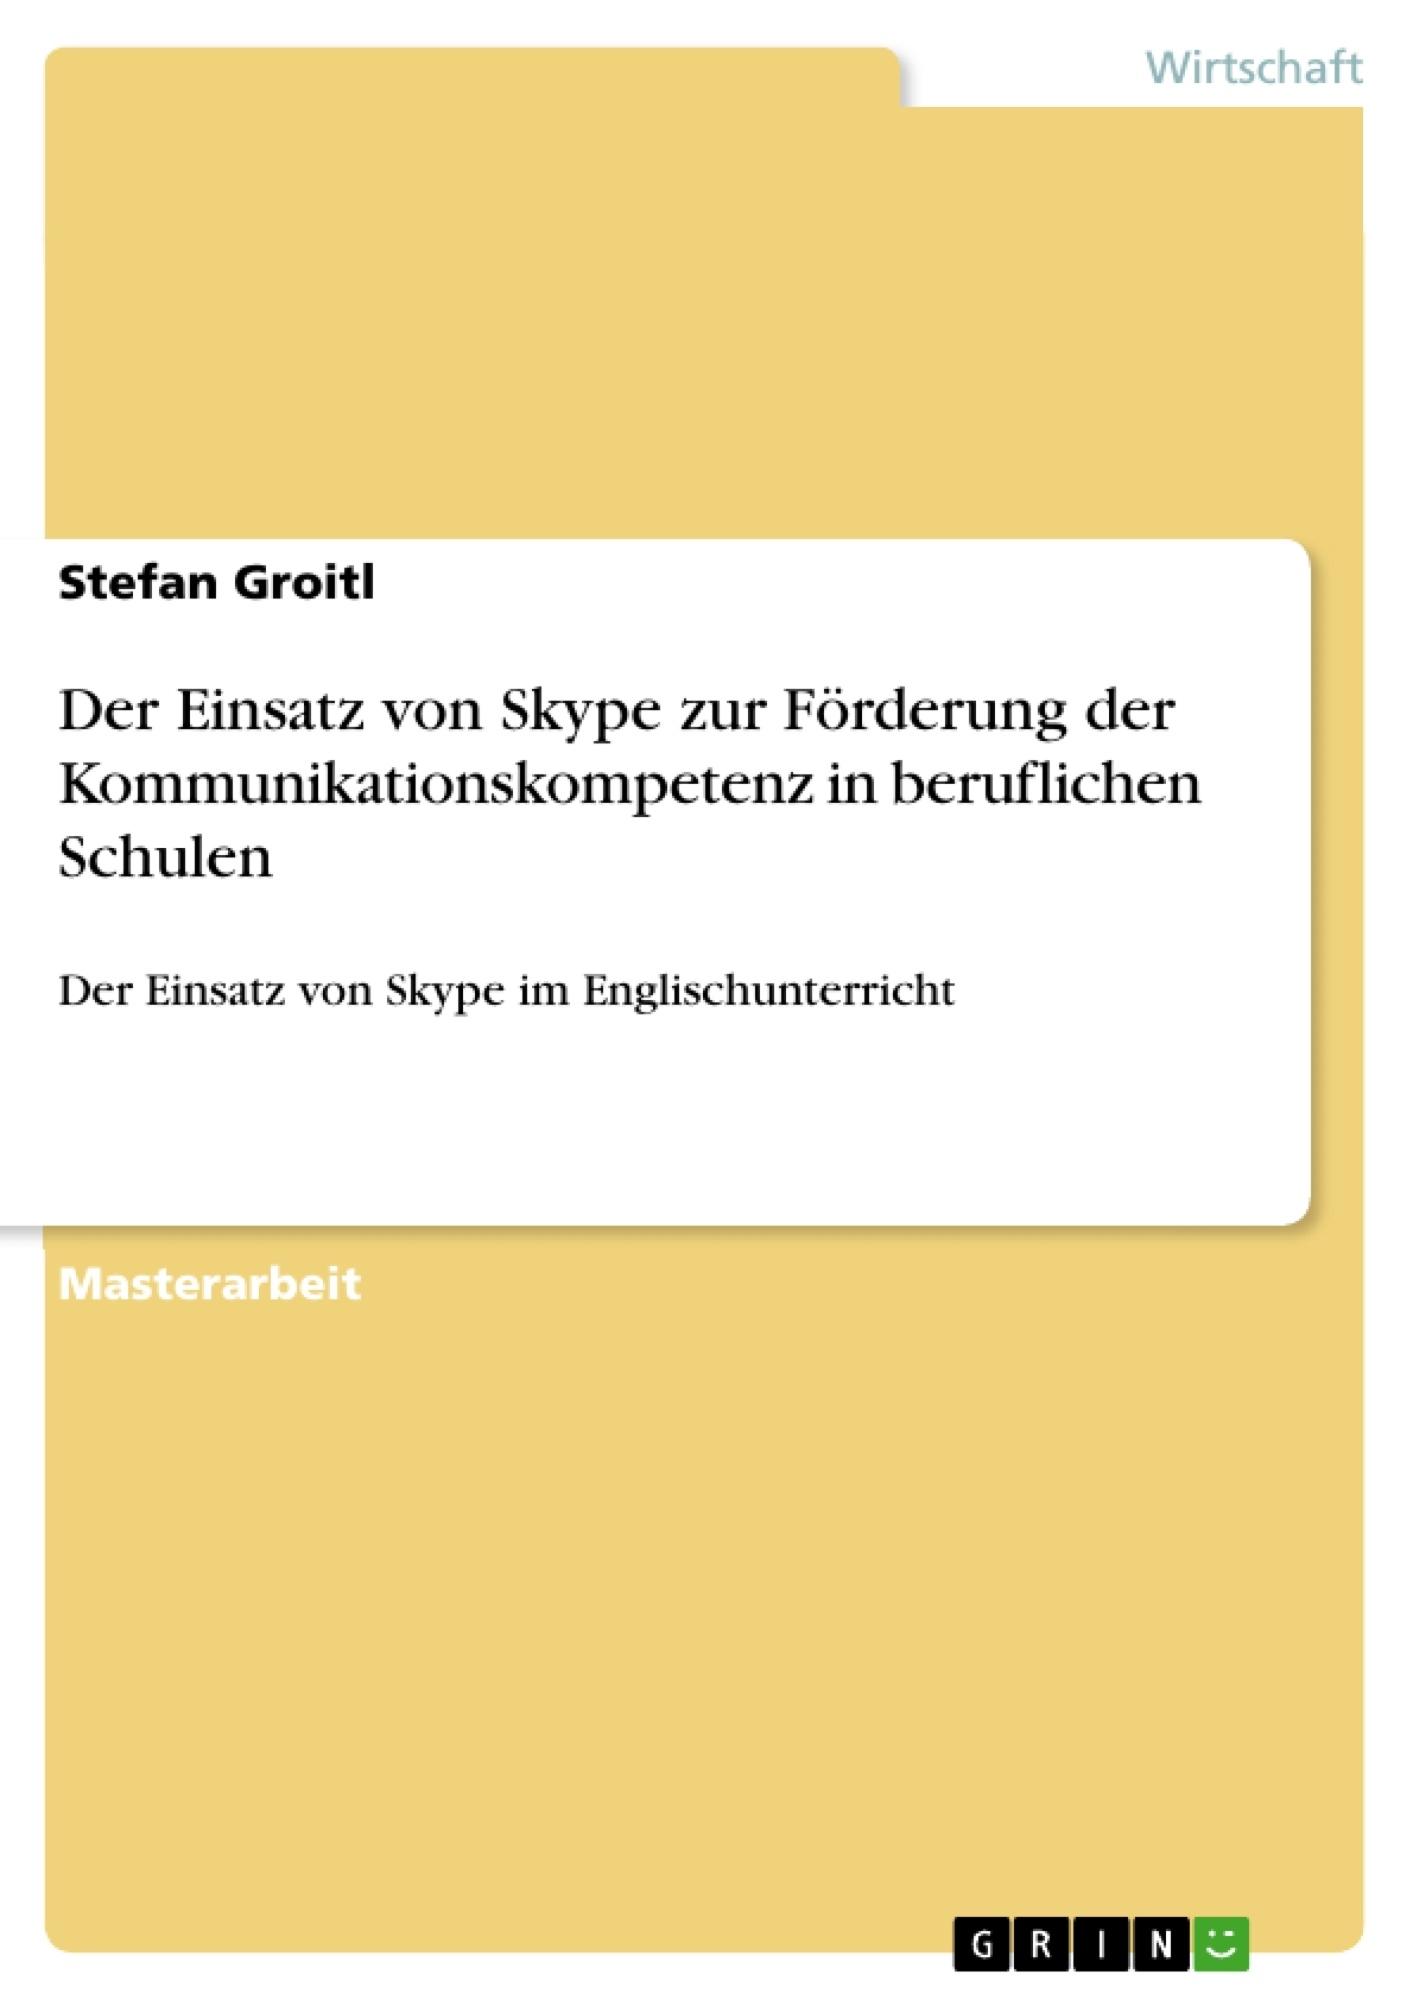 Titel: Der Einsatz von Skype zur Förderung der Kommunikationskompetenz in beruflichen Schulen